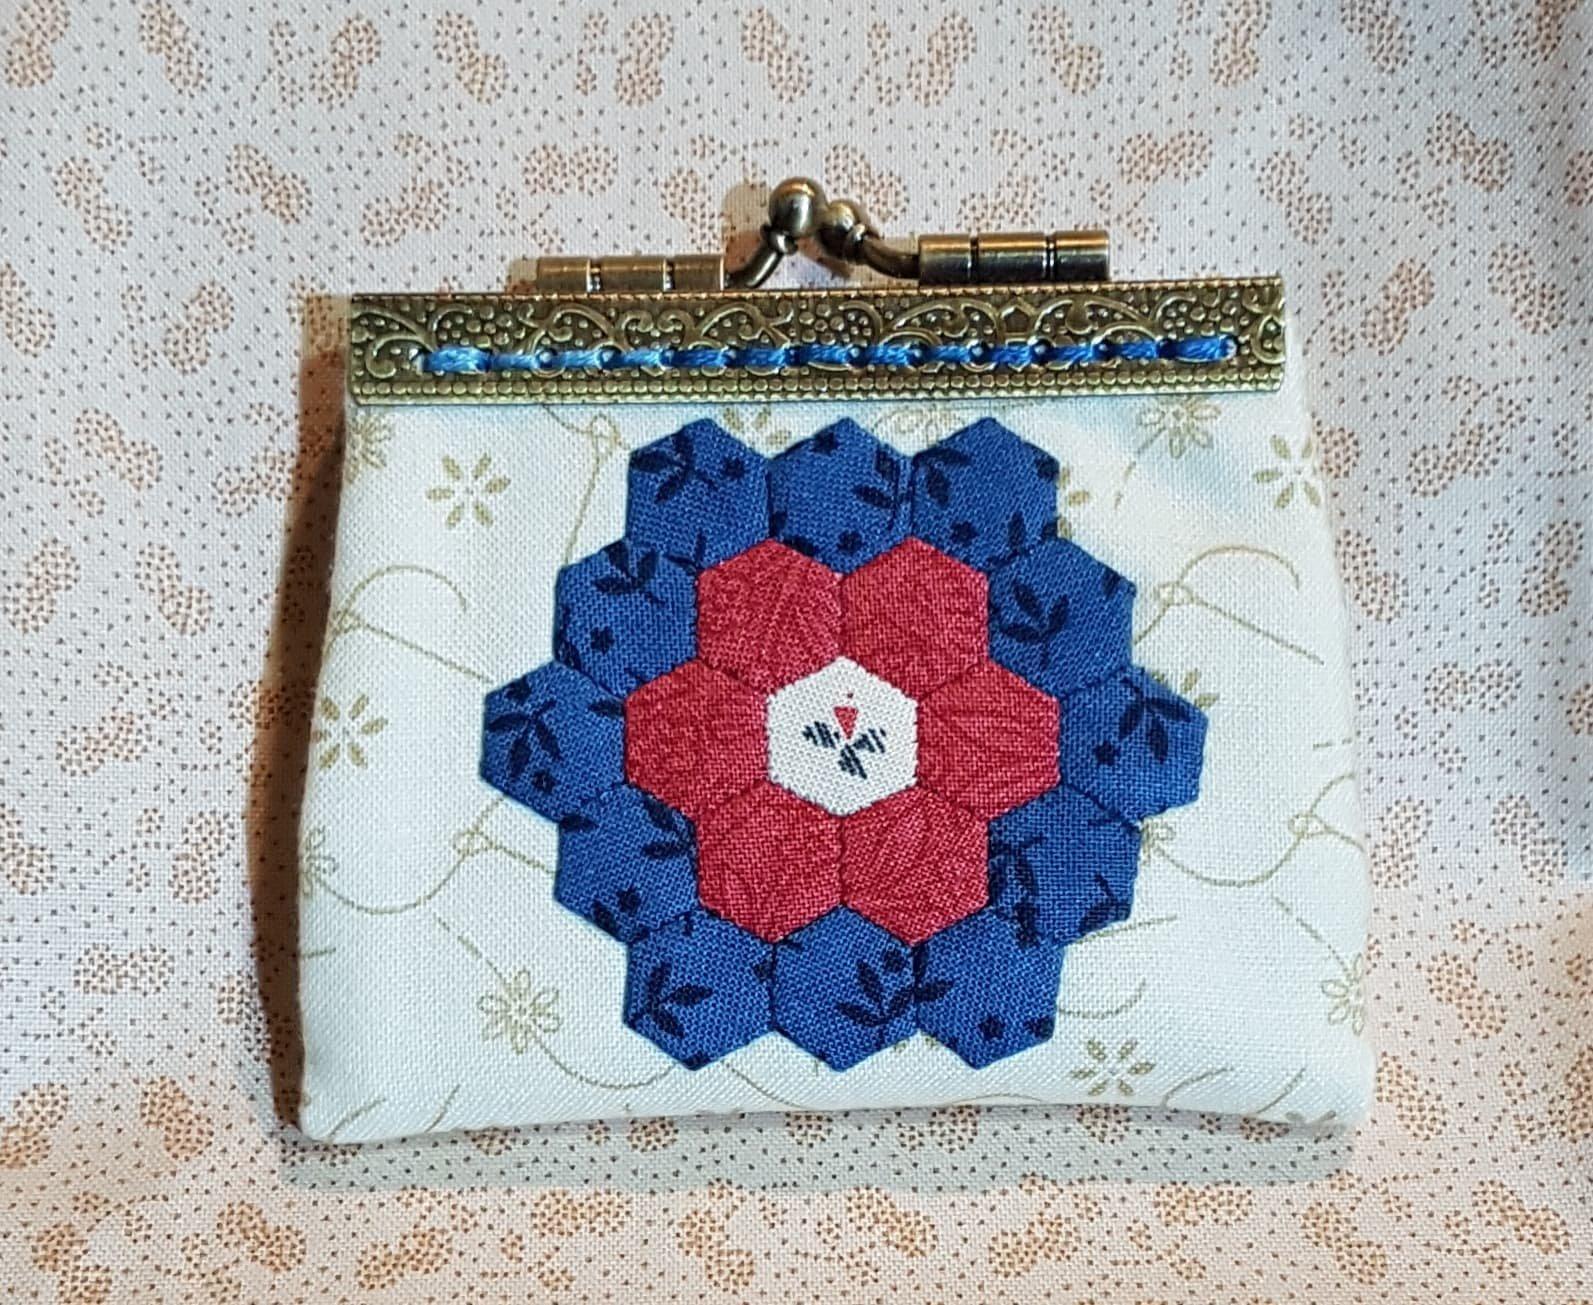 Hexagon Kisses Needle Purse Kit